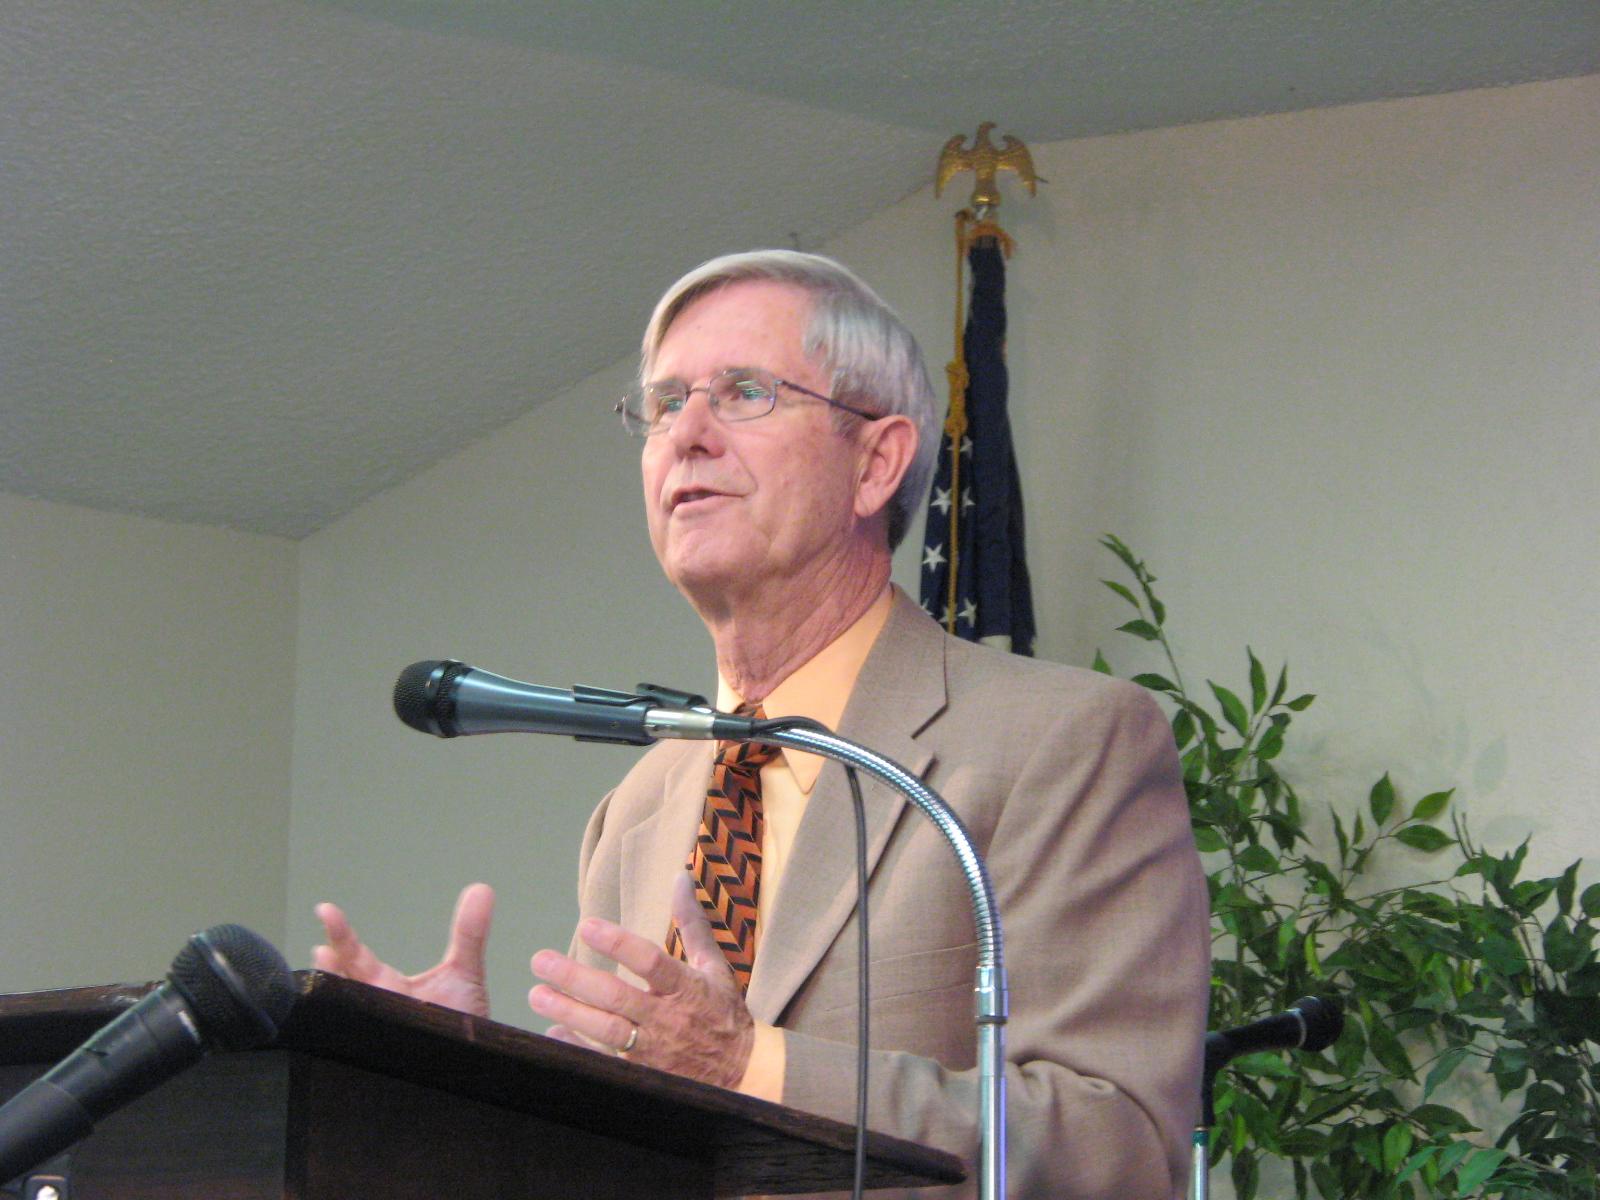 Pastor Bill Pierpoint